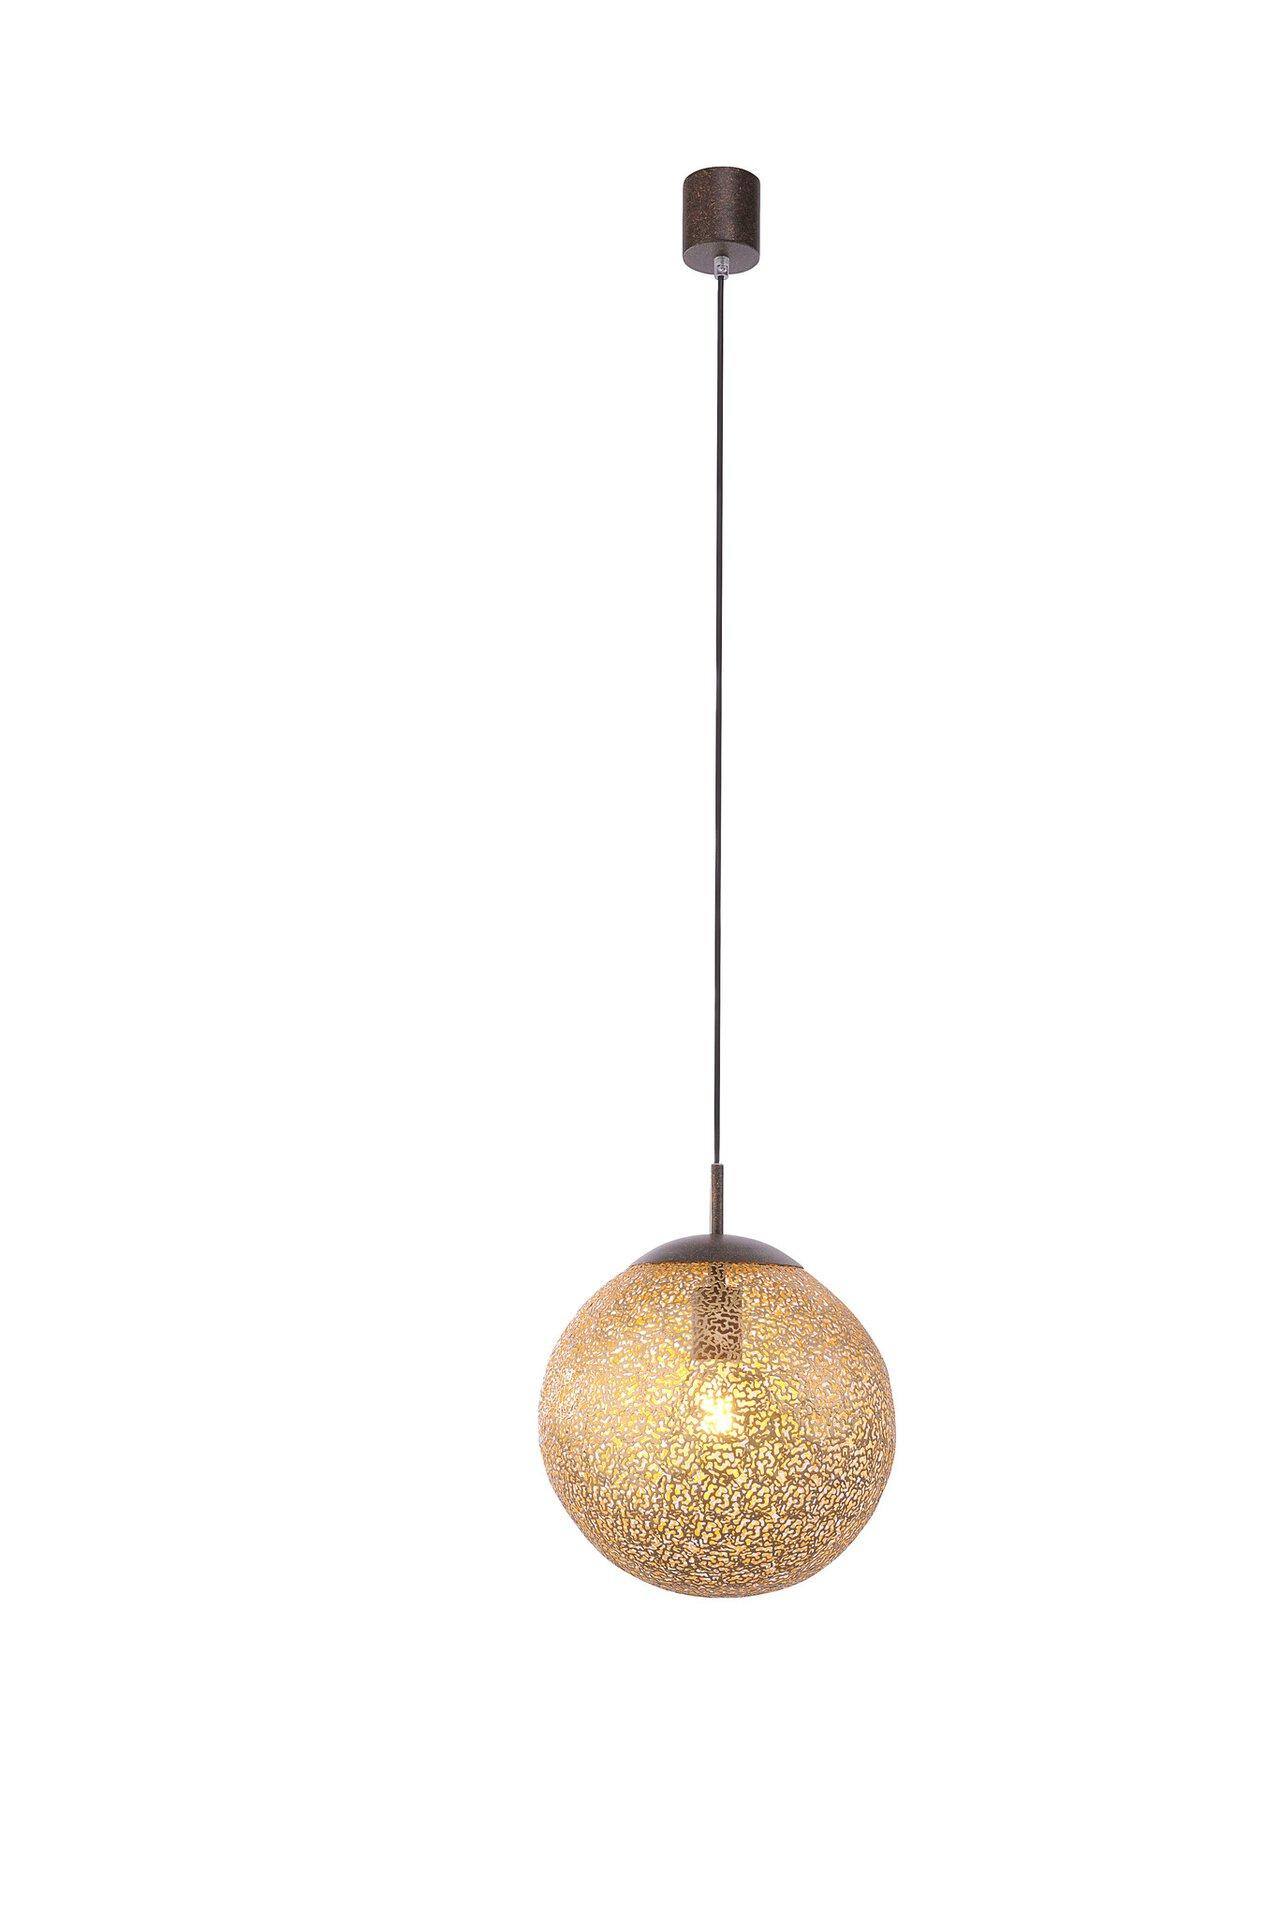 Hängeleuchte GRETA Paul Neuhaus Metall braun 30 x 140 x 30 cm